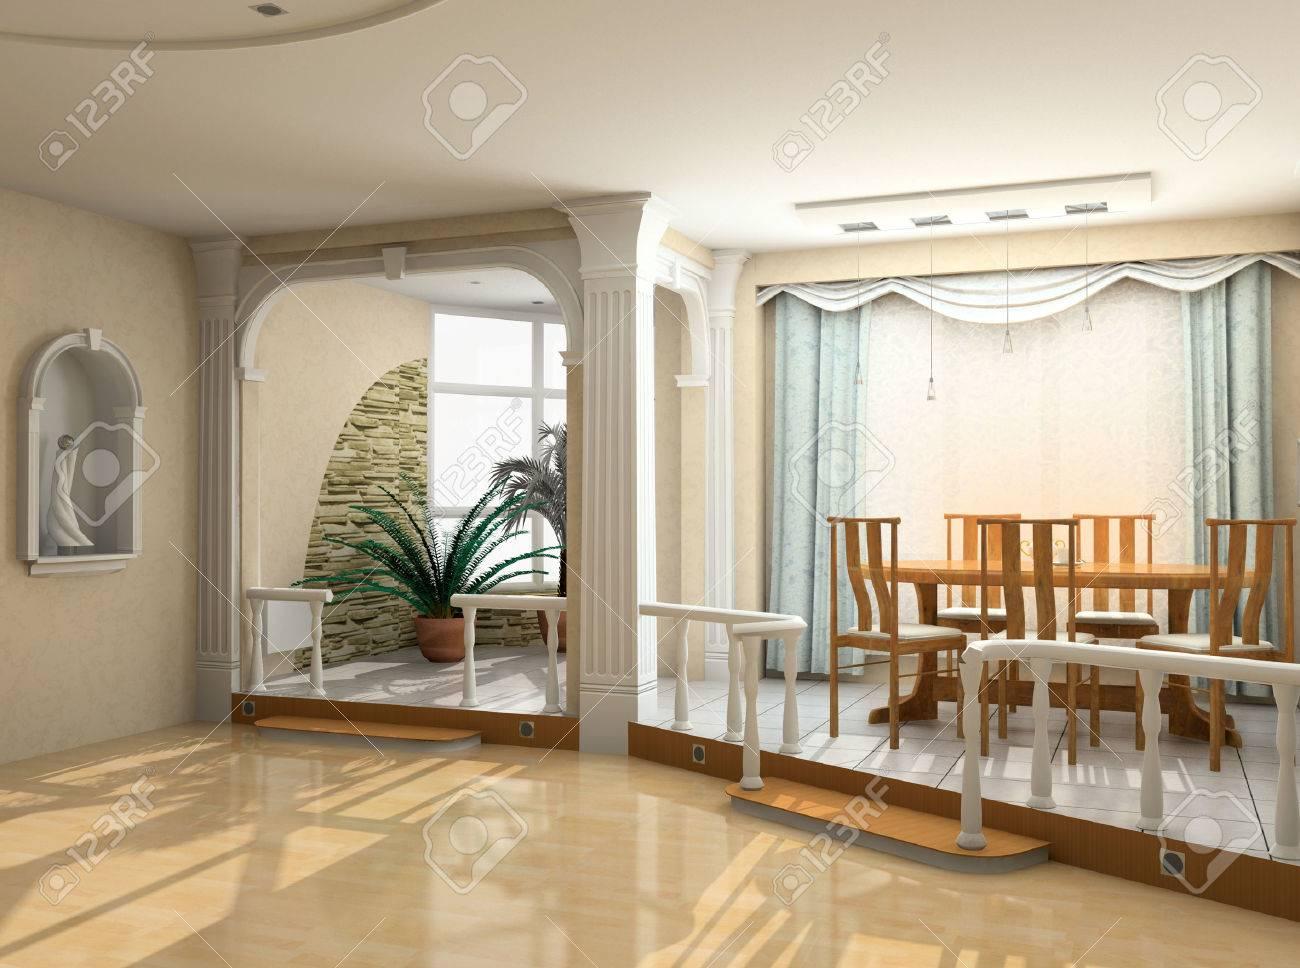 Modern interieur in klassieke stijl privé appartement d